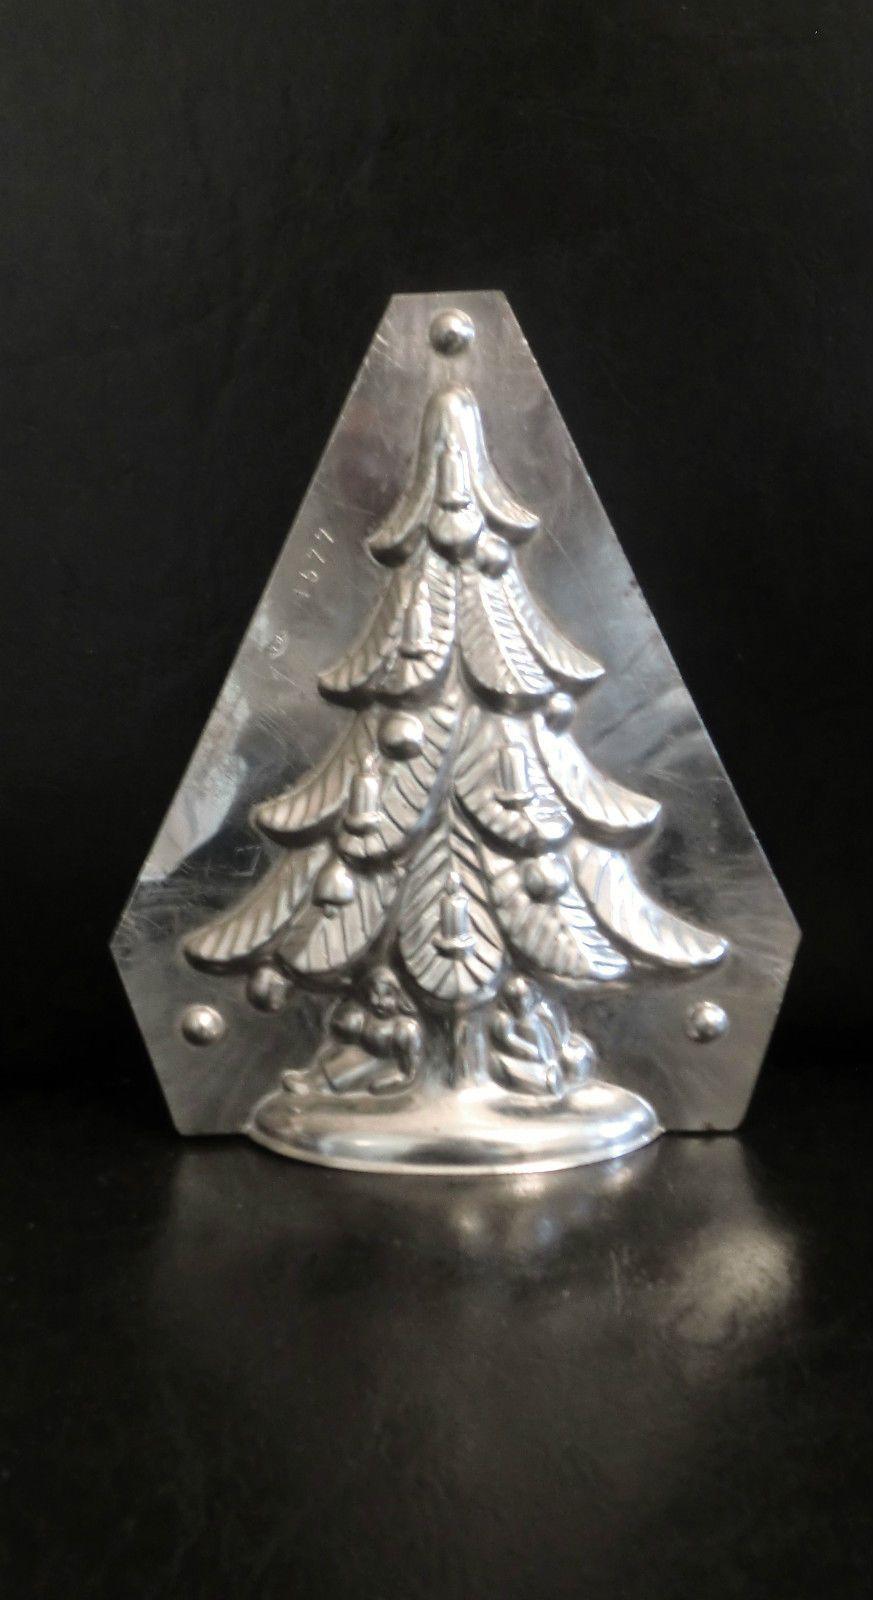 alte schokoladenform tannenbaum weihnacht metall ebay schockoladenformen. Black Bedroom Furniture Sets. Home Design Ideas